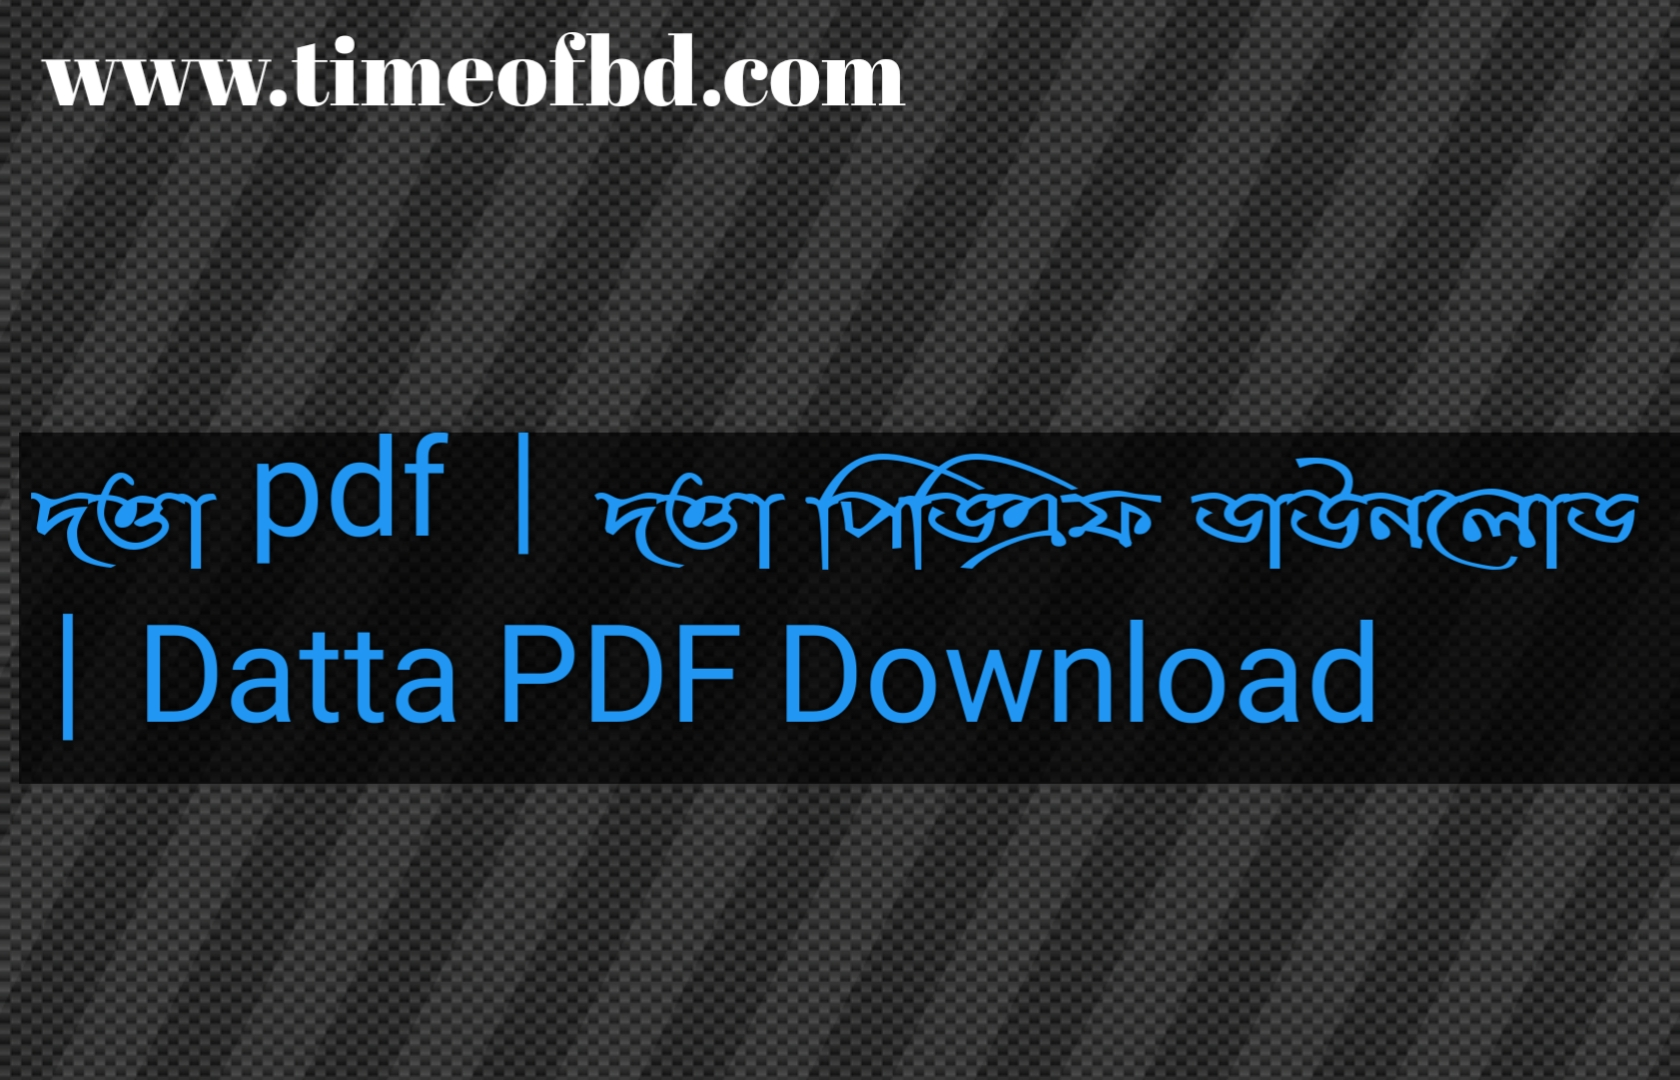 দত্তা pdf, দত্তা পিডিএফ ডাউনলোড, দত্তাা পিডিএফ, দত্তা pdf download,